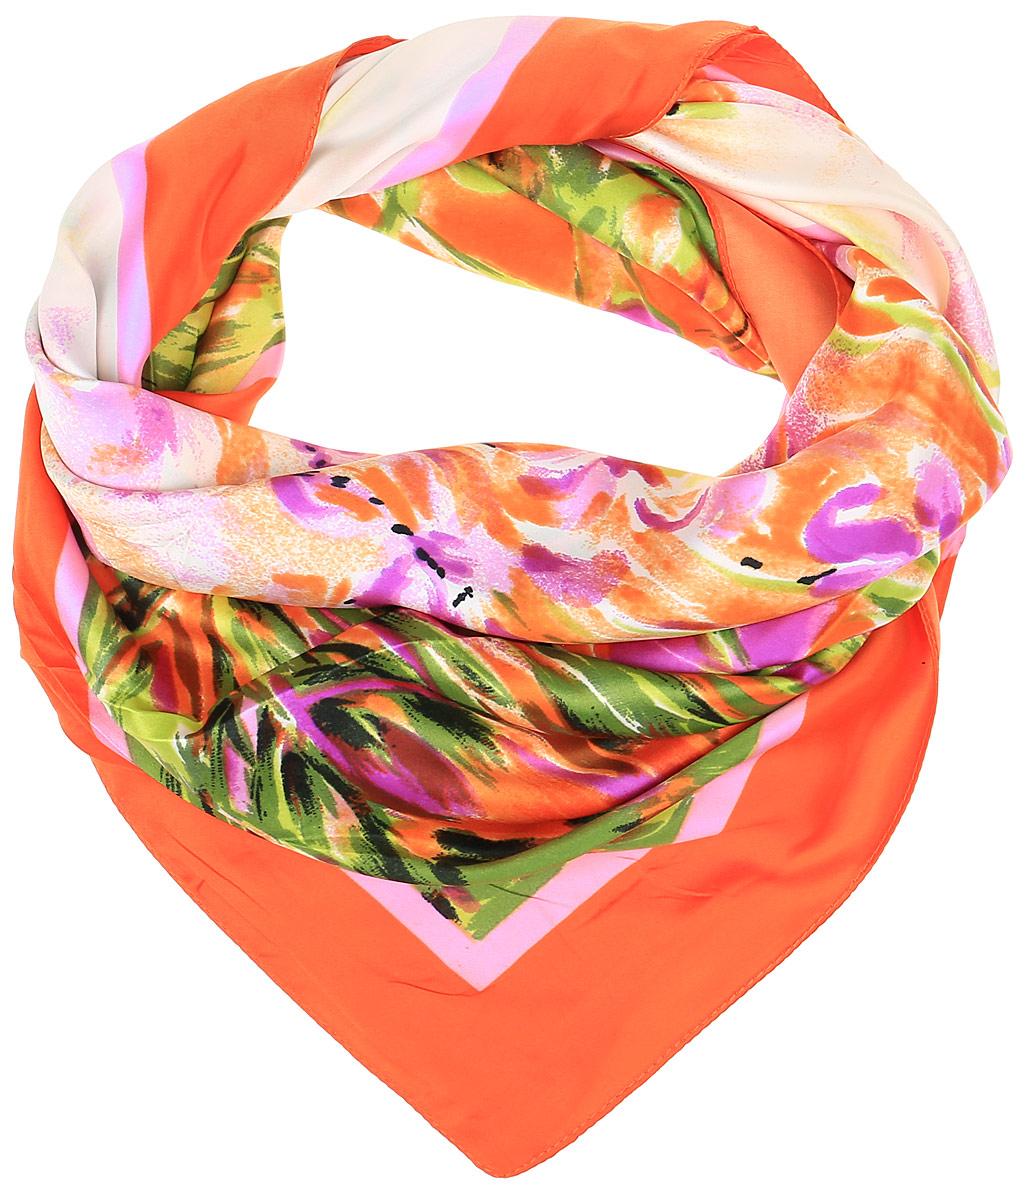 68ПЛ_90х90_15056_С_22Очаровательный женский платок Sabellino станет великолепным завершением любого наряда. Платок изготовлен из высококачественного полиэстера с добавлением шелка и оформлен контрастным цветочным принтом. Классическая квадратная форма позволяет носить платок на шее, украшать им прическу или декорировать сумочку.